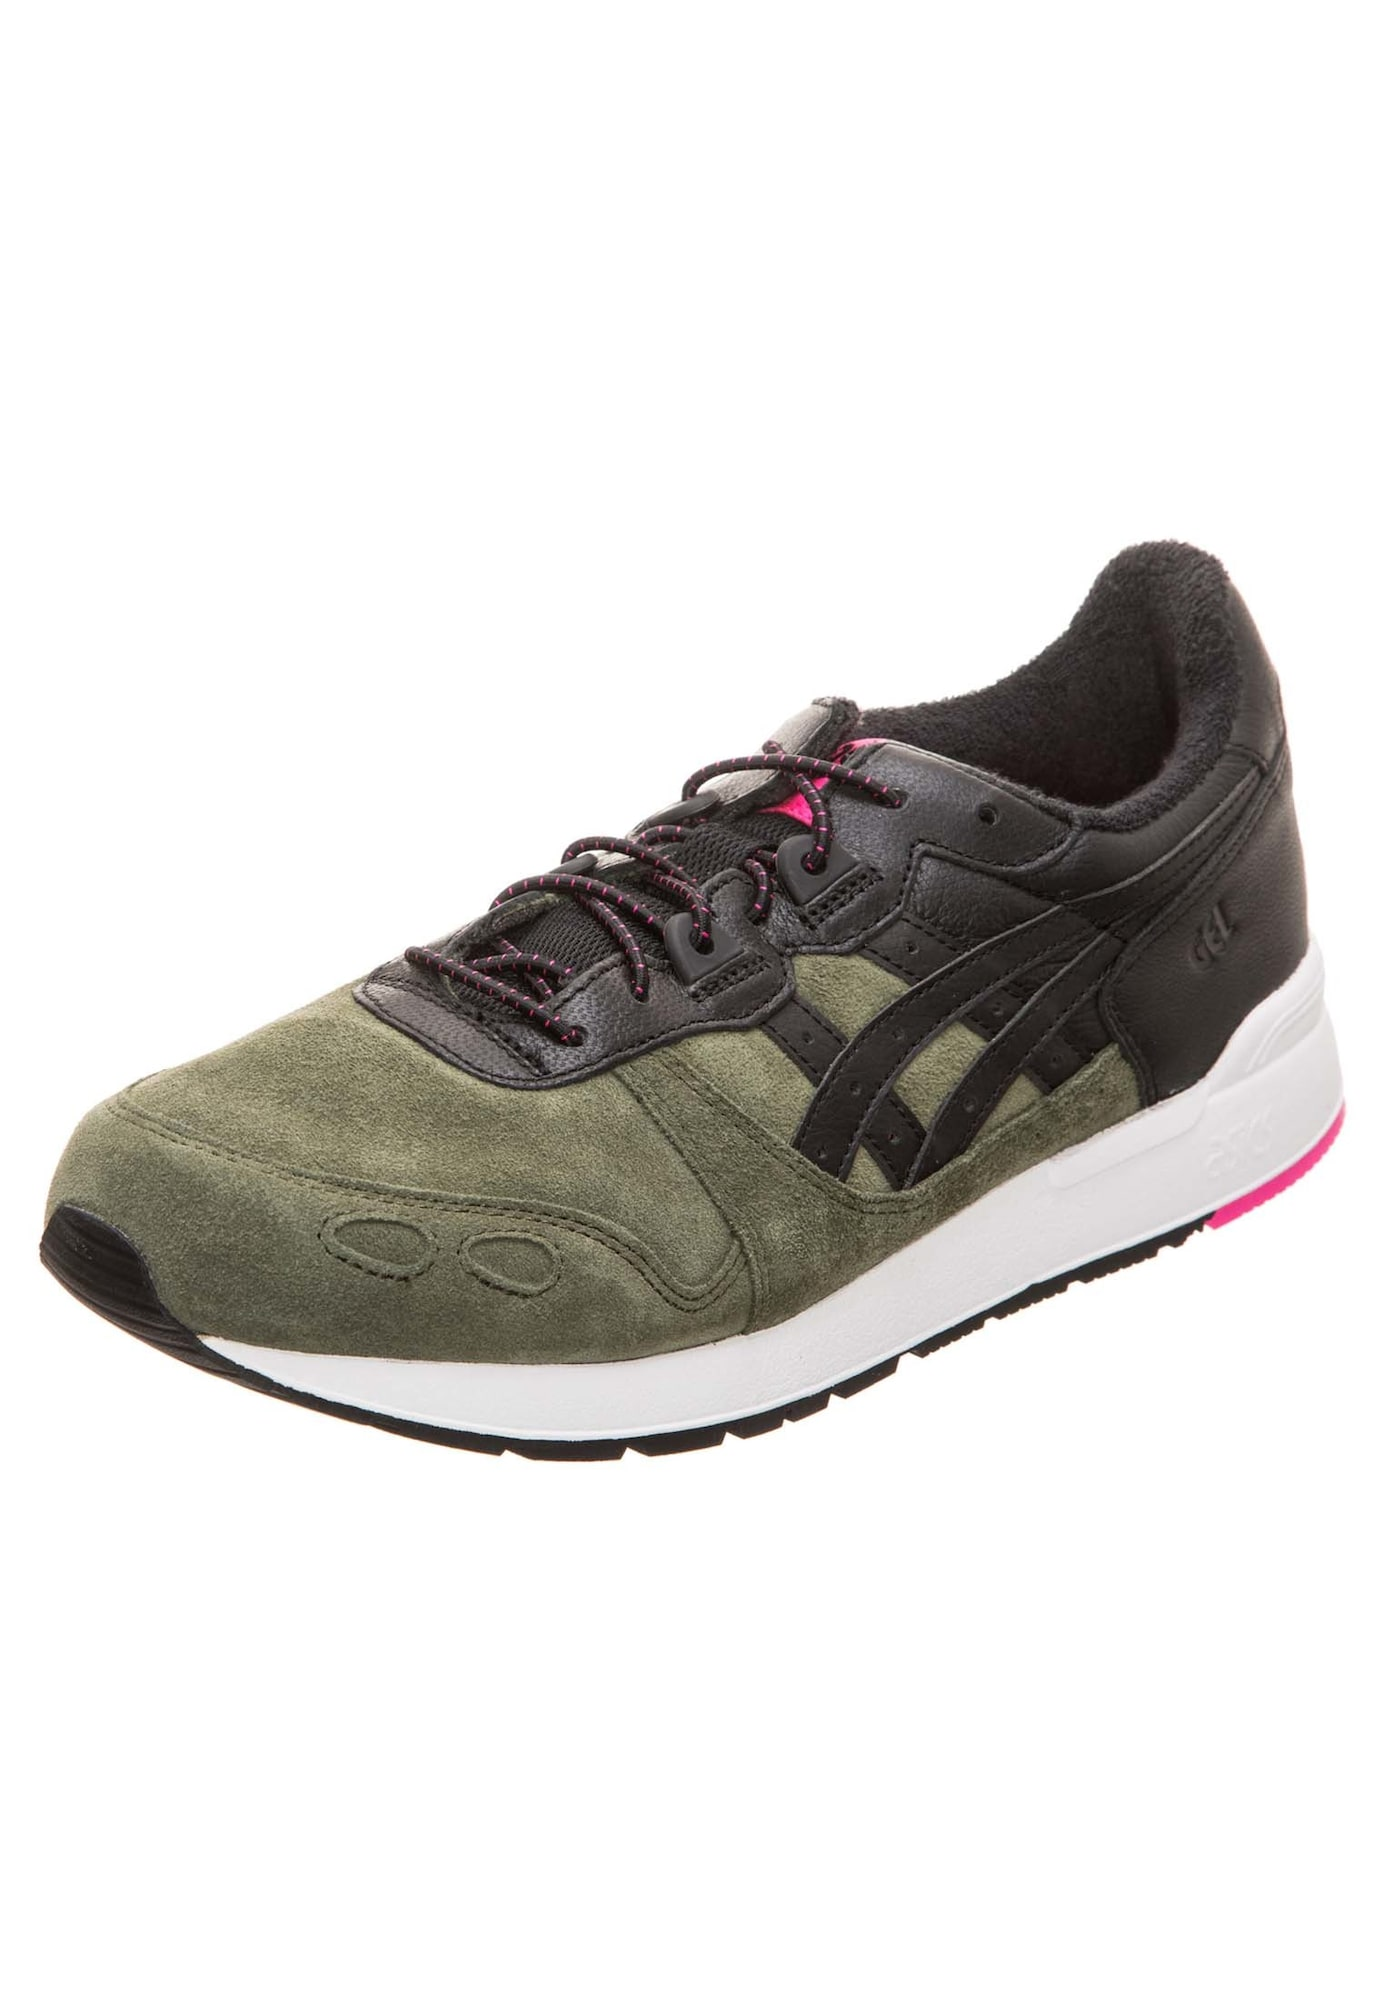 Asics Tiger, Heren Sneakers laag 'Gel-Lyte', kaki / zwart